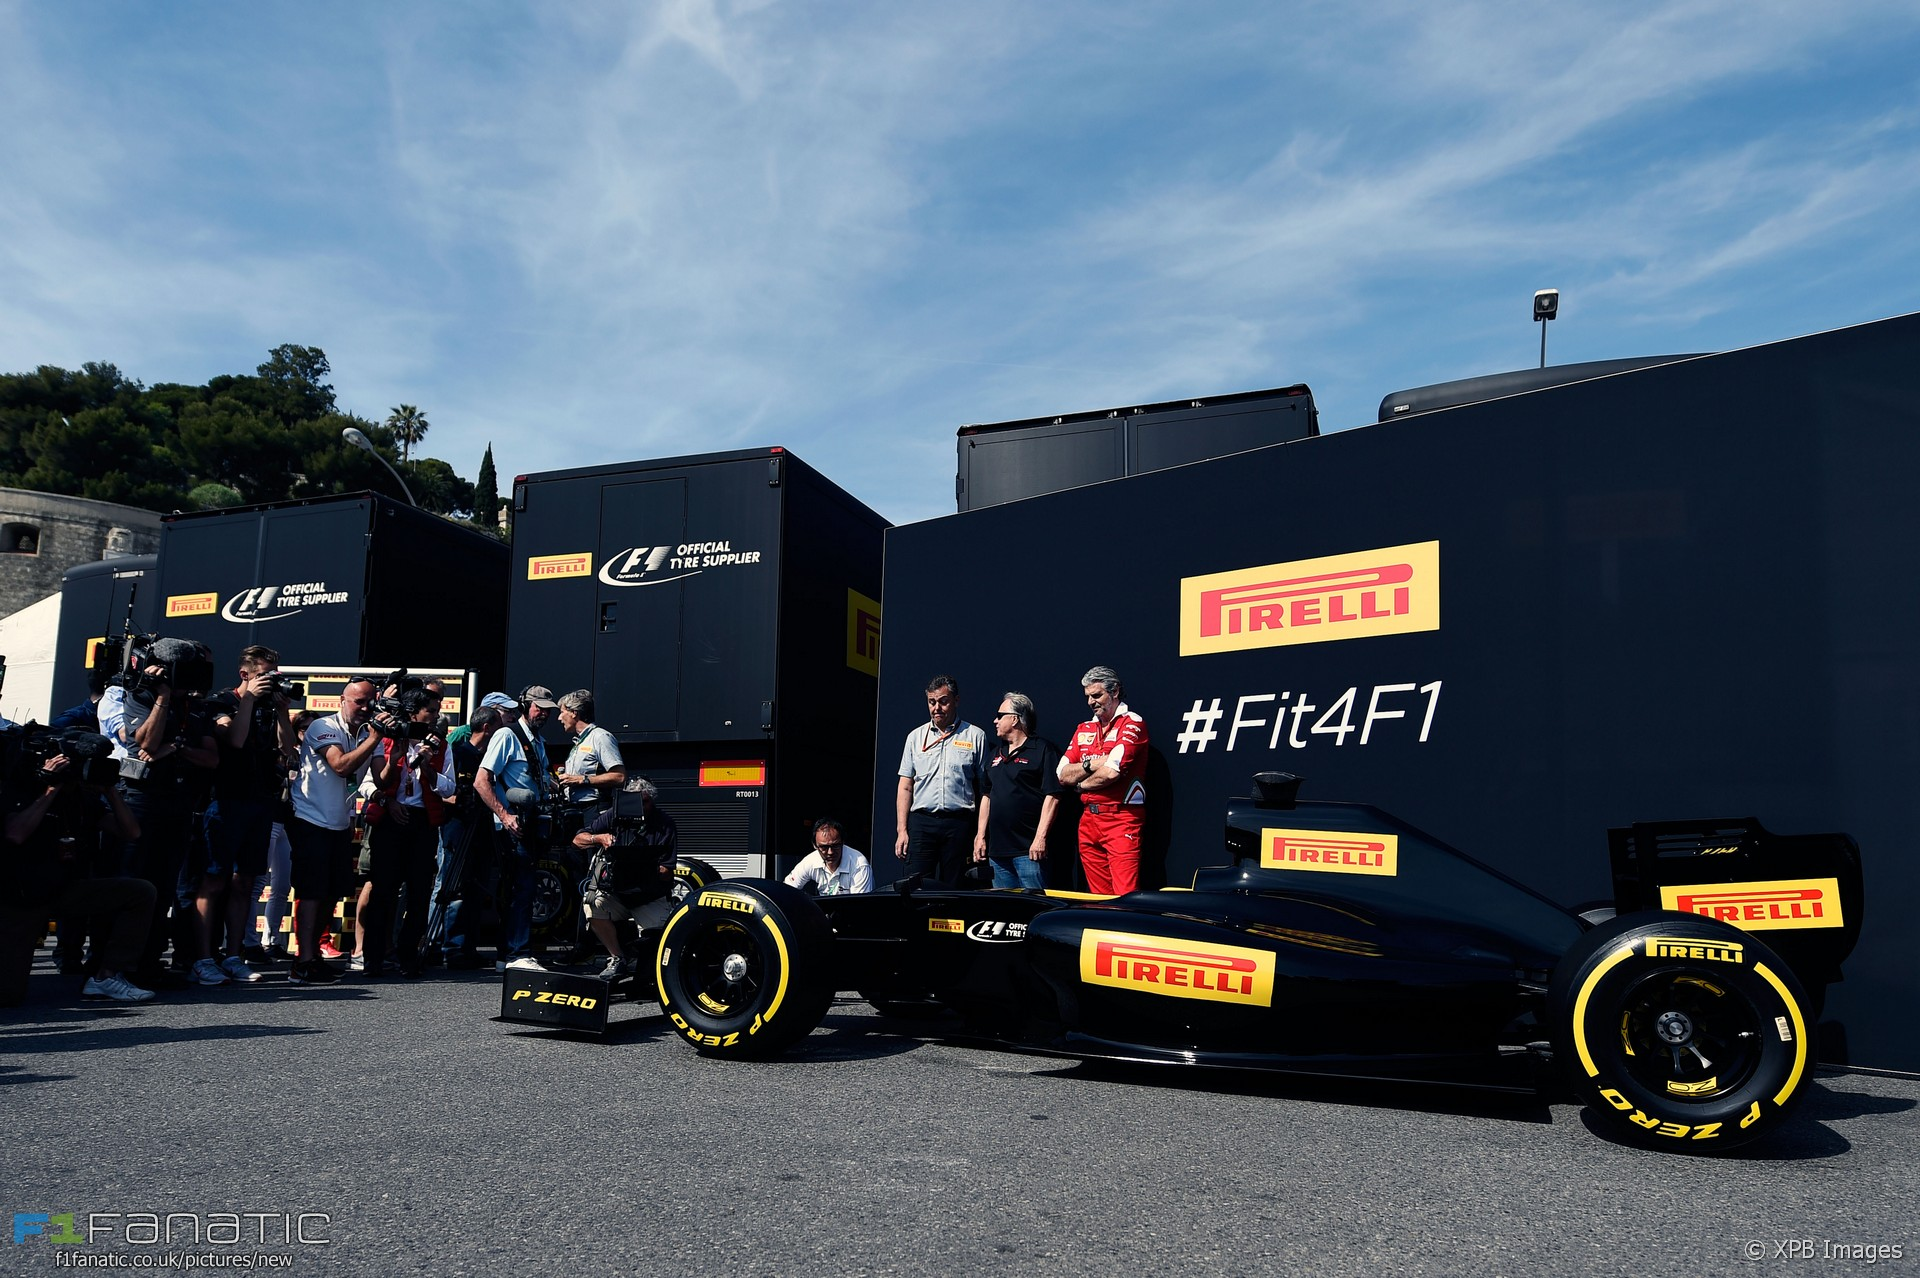 Pirelli 2017 F1 tyres mock-up, Monaco, 2016